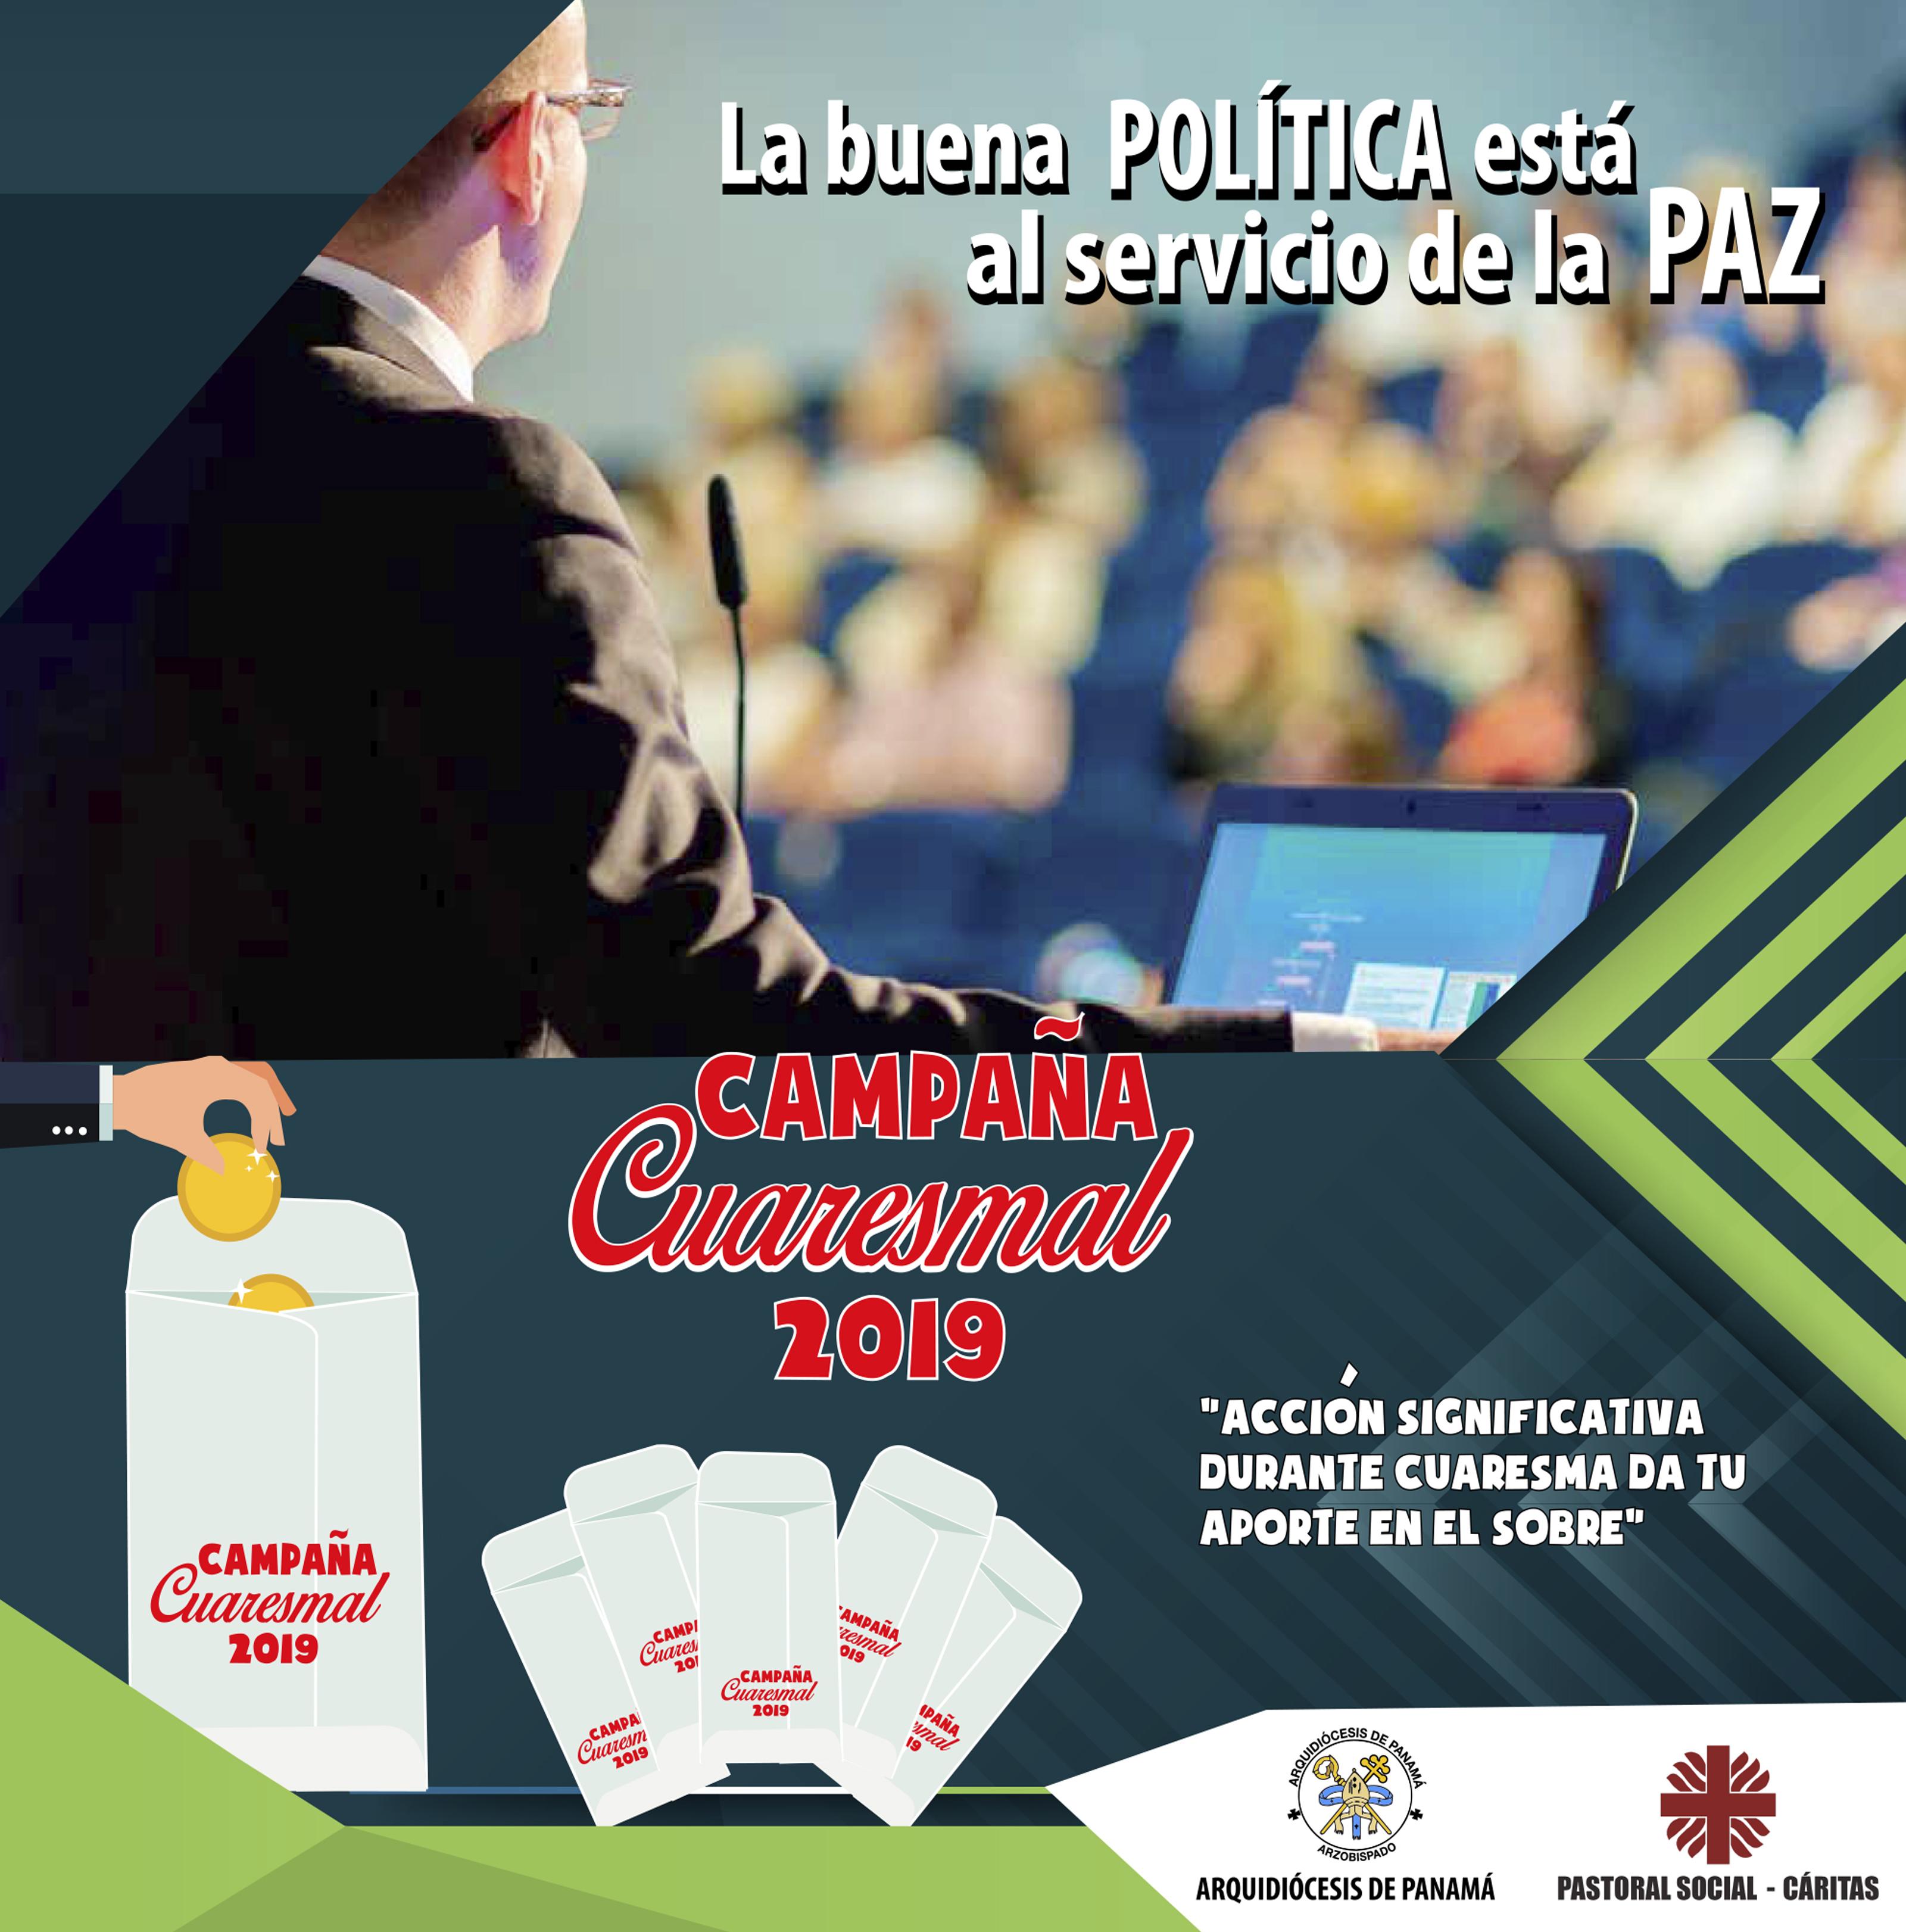 """Campaña Cuaresmal  """"La buena política está al servicio de la paz"""""""